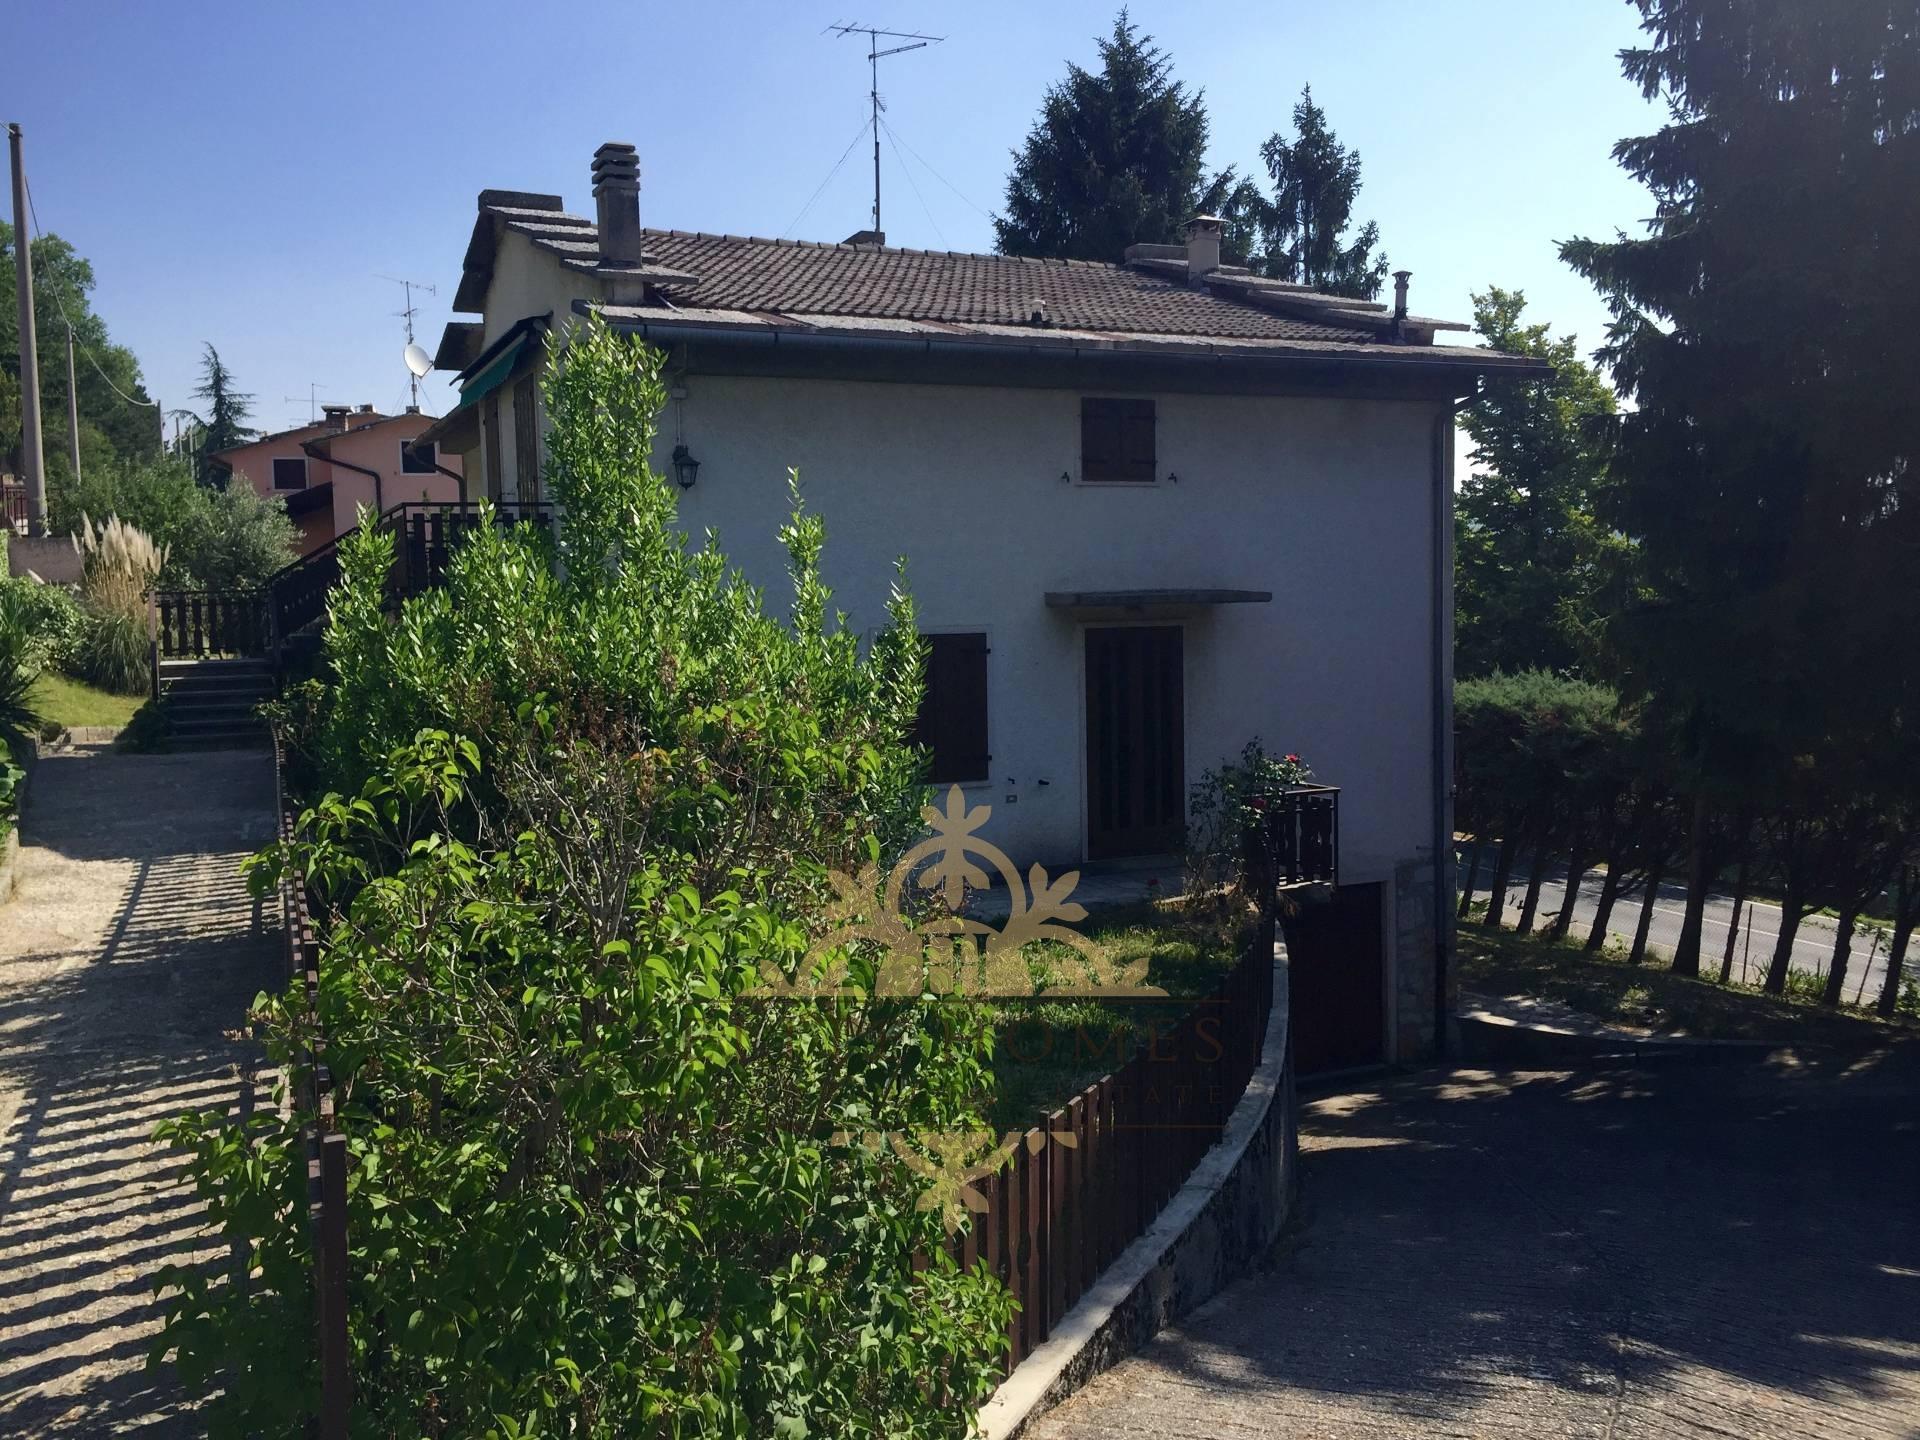 Appartamento in vendita a Cerro Veronese, 4 locali, prezzo € 95.000 | CambioCasa.it